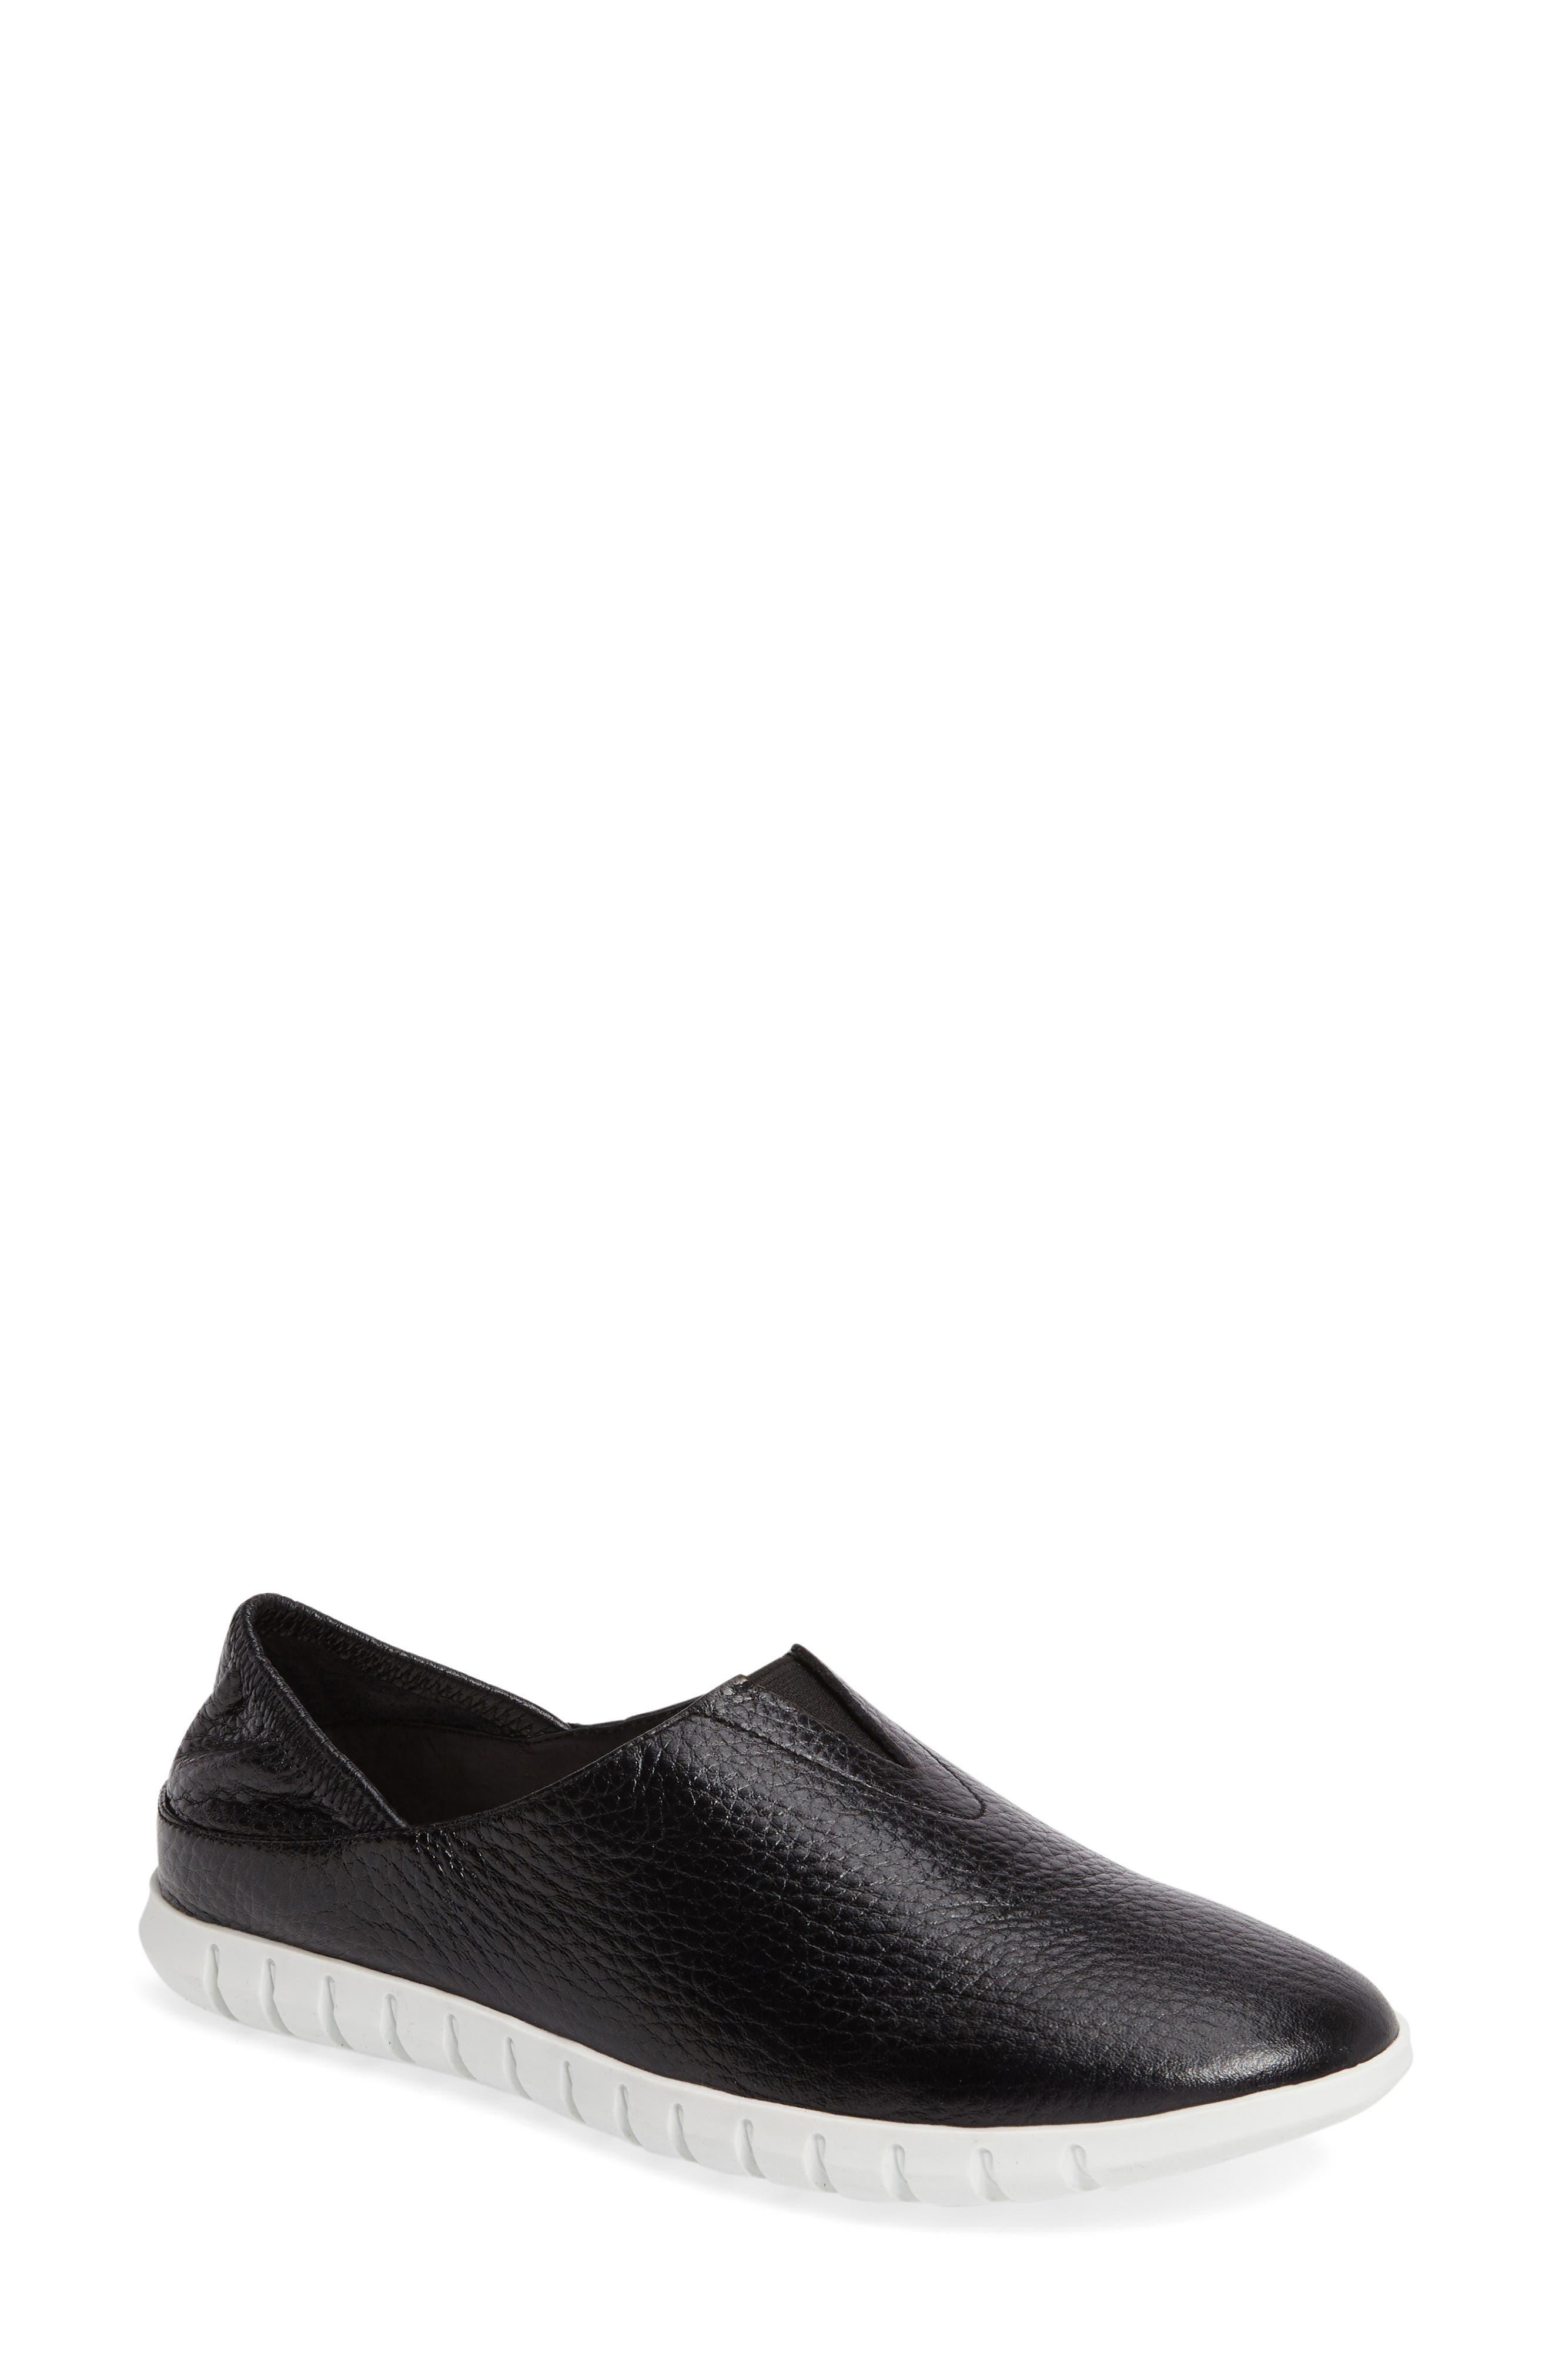 Kim Slip-On Sneaker,                         Main,                         color,